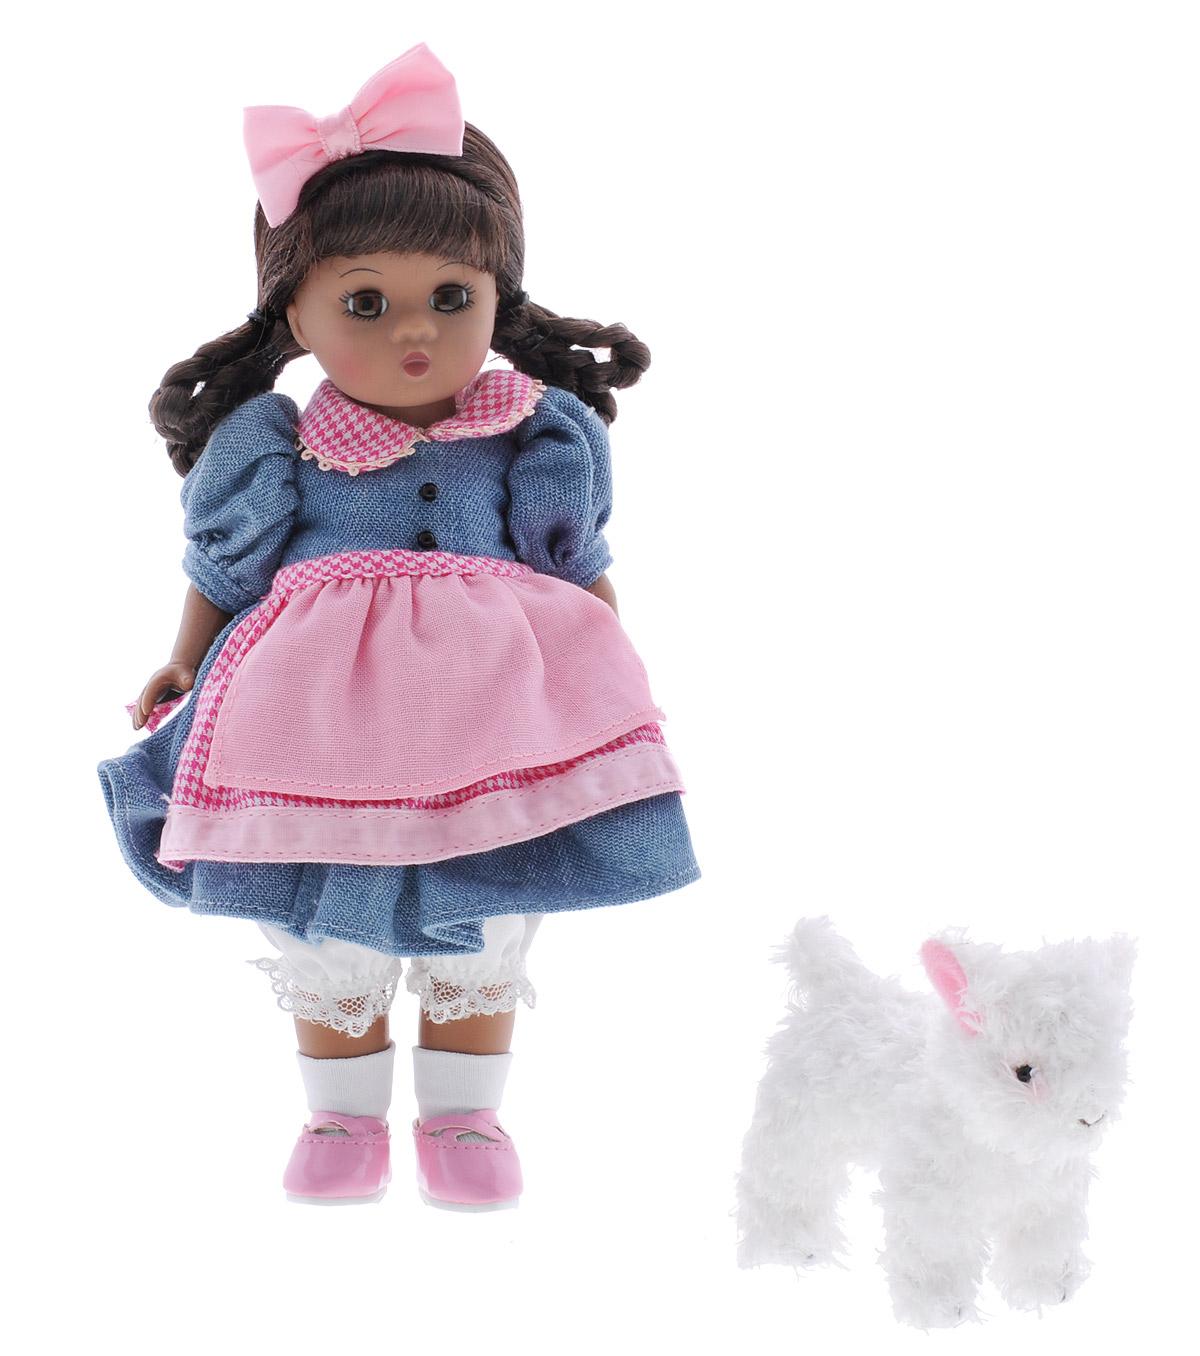 Madame Alexander Мини-кукла Мэри с барашком64596Мини-кукла Madame Alexander Мэри с барашком станет прекрасным украшением любой коллекции вашей дочурки. Кукла с личиком Венди кареглазая. Темные волосы заплетены в косы. Одета в платьице, поверх которого двойной фартучек. Нижний слой фартука и воротничок выполнены из ярко-розового хлопка в клеточку. Образ куклы детально проработан. У нее имеются даже кружевные панталоны, на ногах белые носочки и розовые ботиночки с ремешками, а на голове милый бантик. В наборе с куклой очаровательный плюшевый барашек. Руки, ноги и голова куклы подвижны. Реалистичные глазки куклы закрываются, если положить ее на спину.